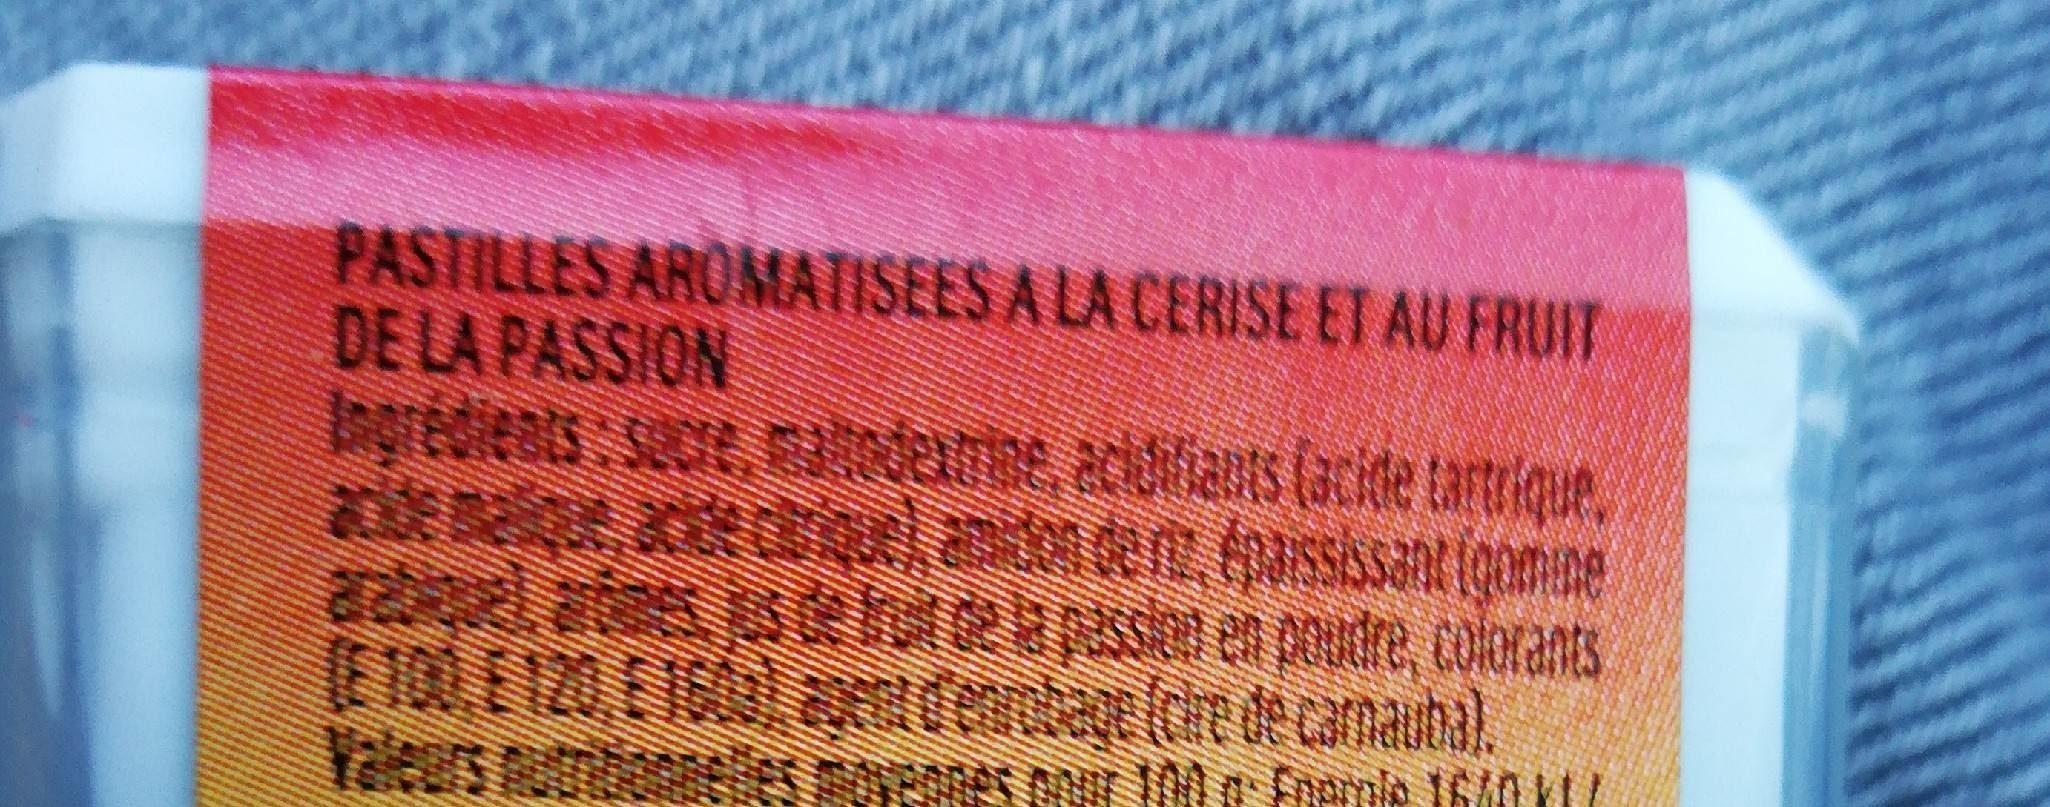 Tic tac etui cerise passion - Ingredienti - fr